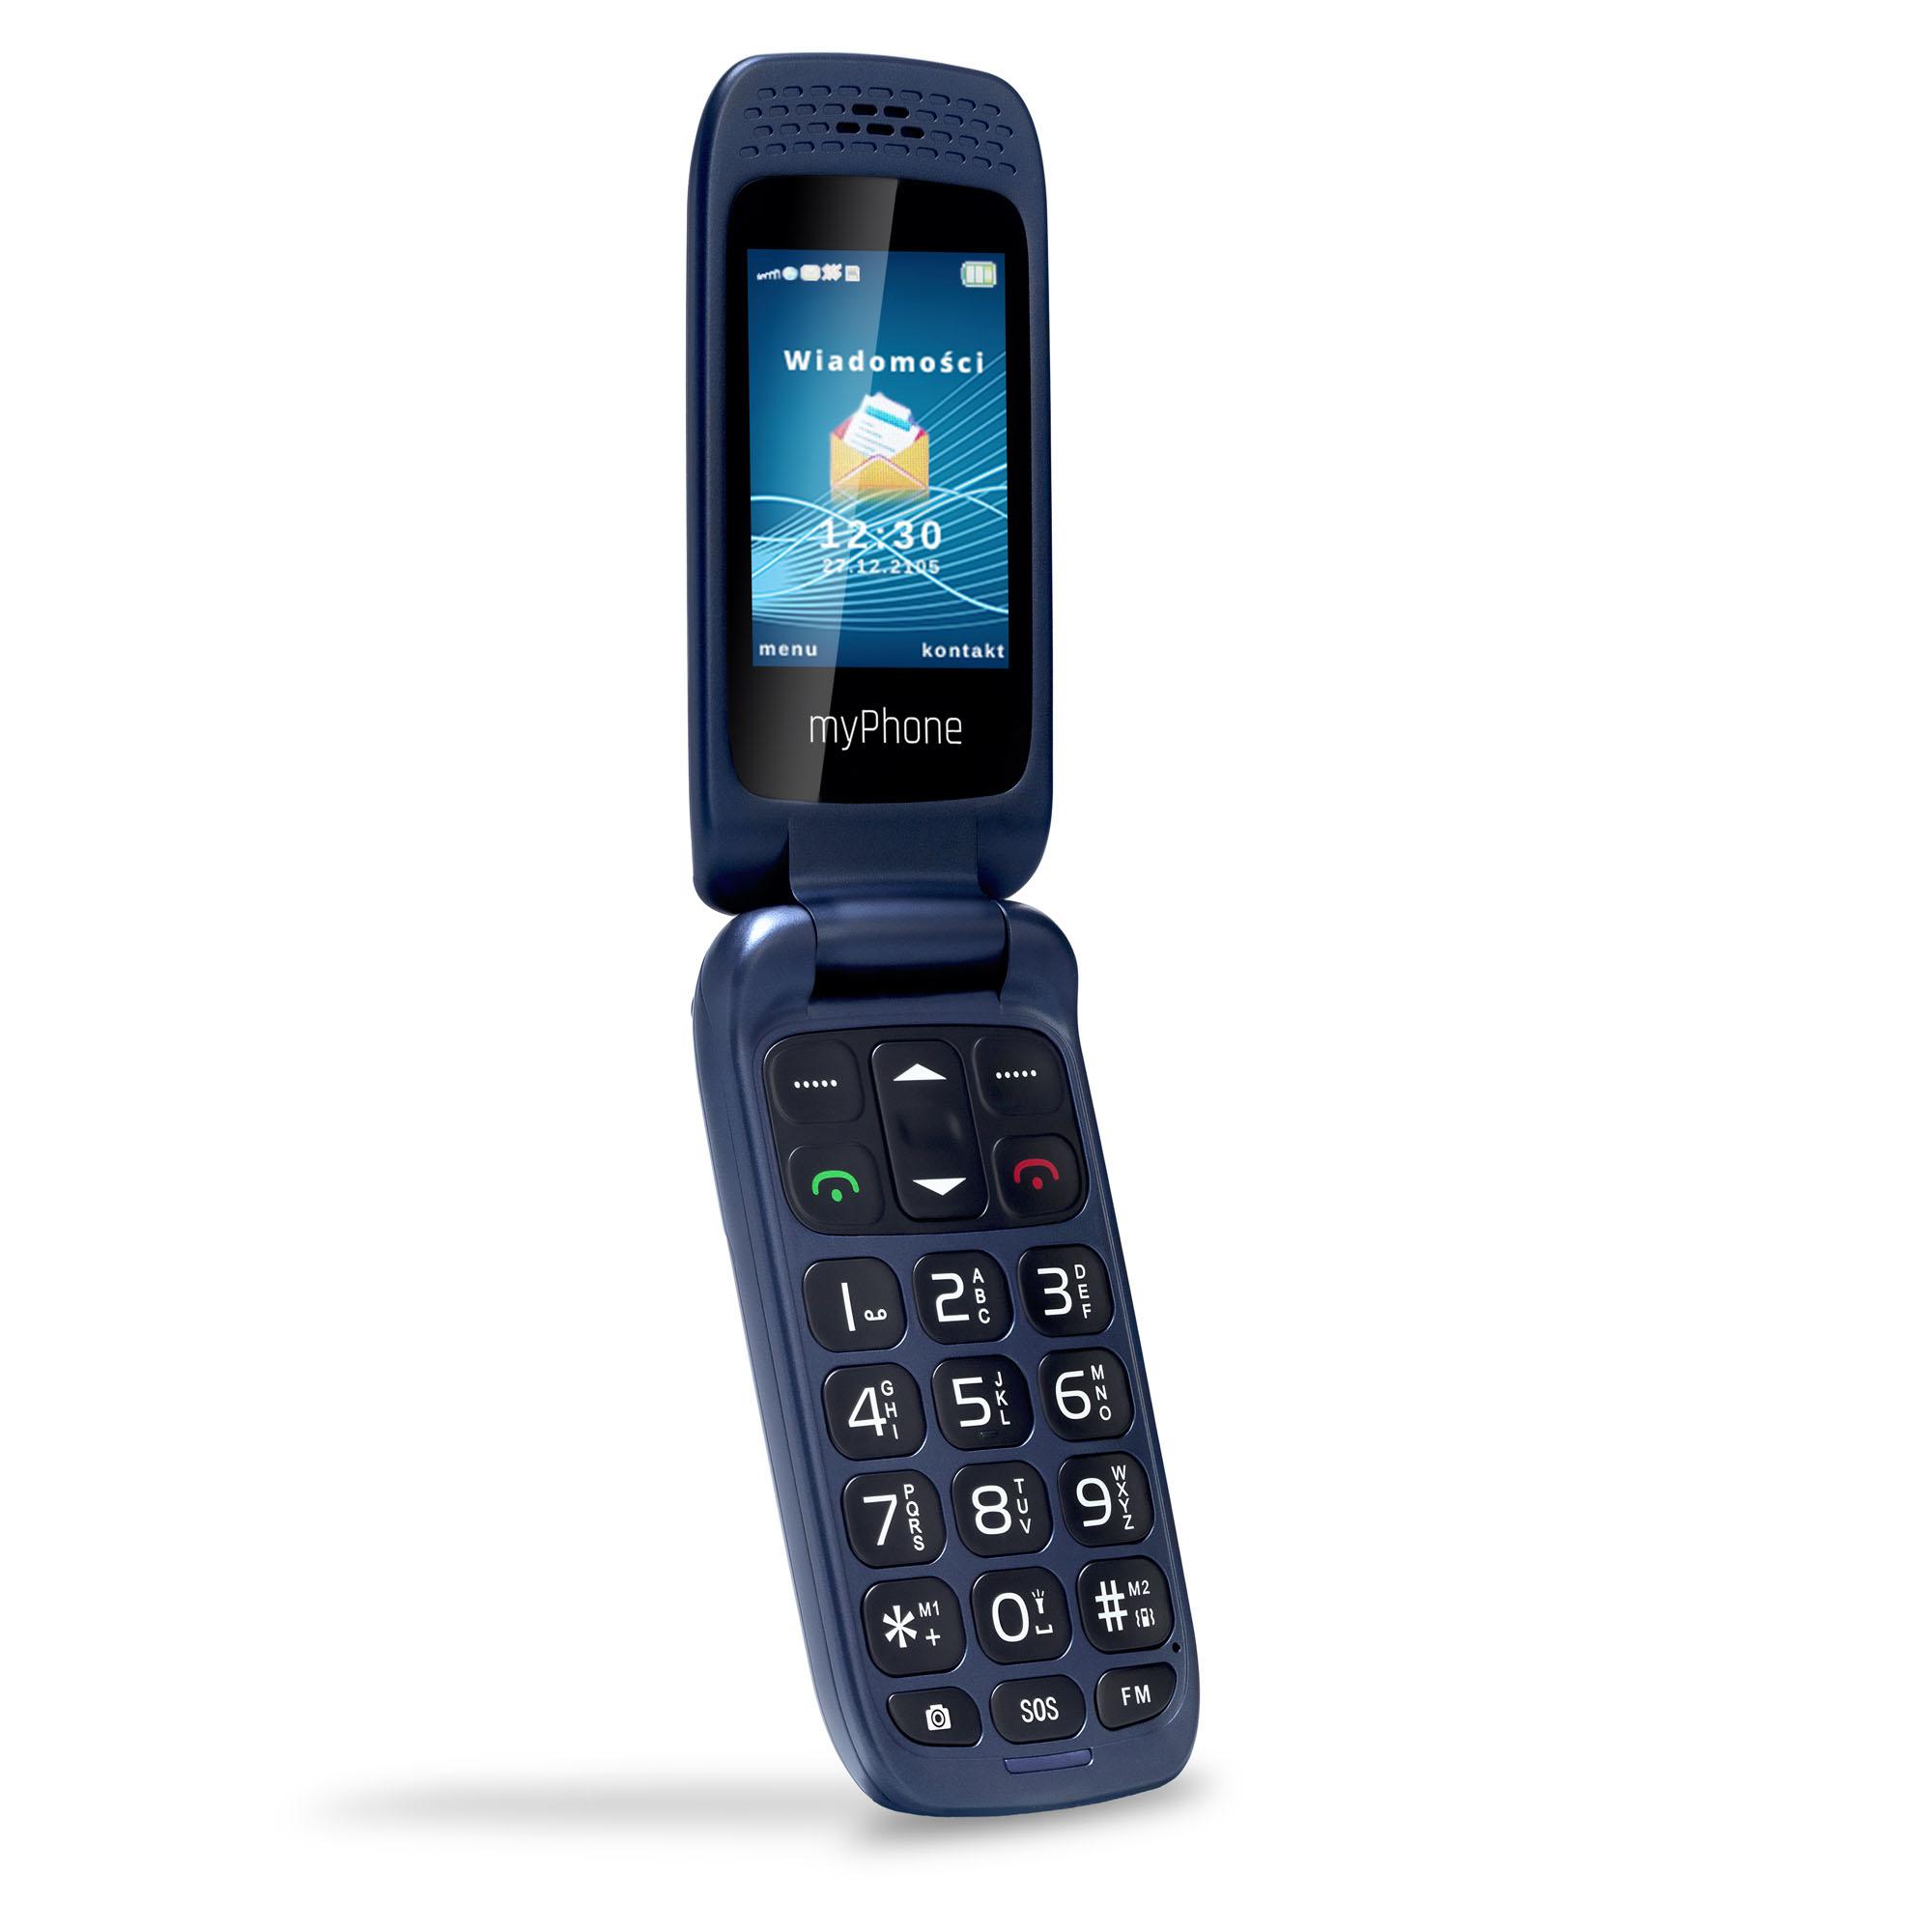 2d85f264330b2 myPhone Flip za 119 zł w Biedronce